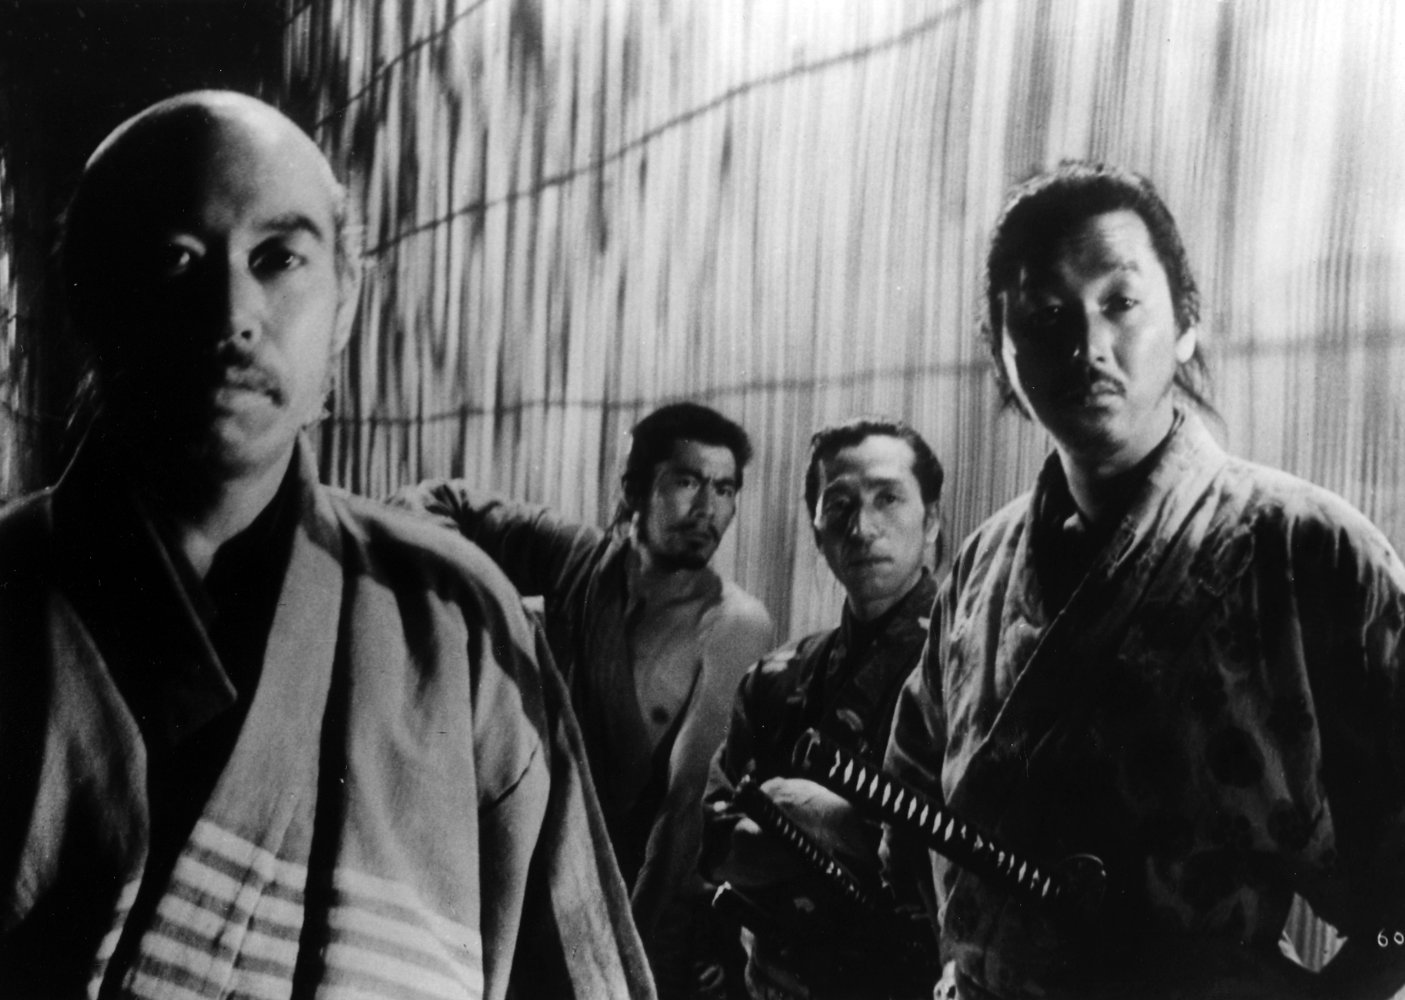 takashi shimura chameleon of japanese cinema